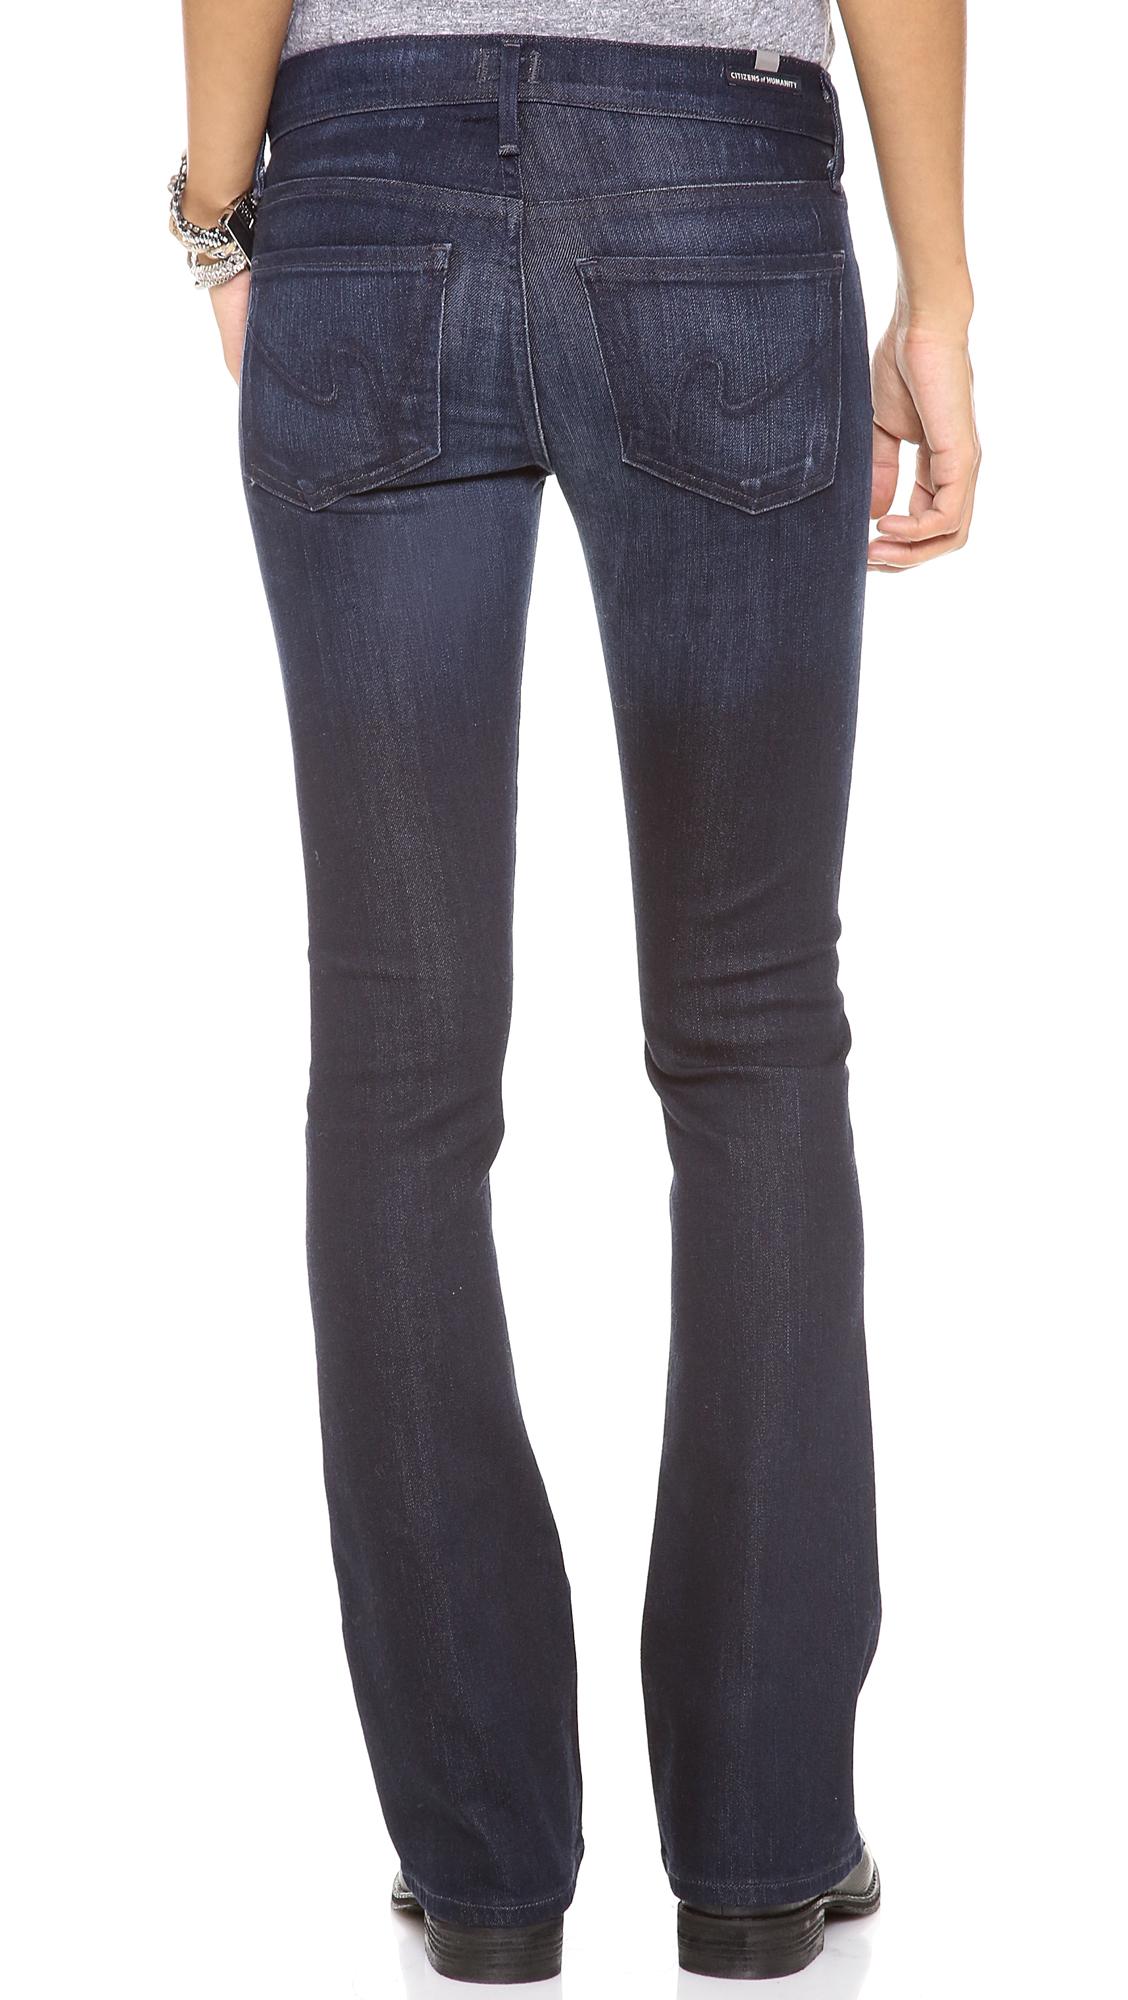 054d68d975e Citizens of Humanity Emmanuelle Petite Slim Boot Cut Jeans | SHOPBOP